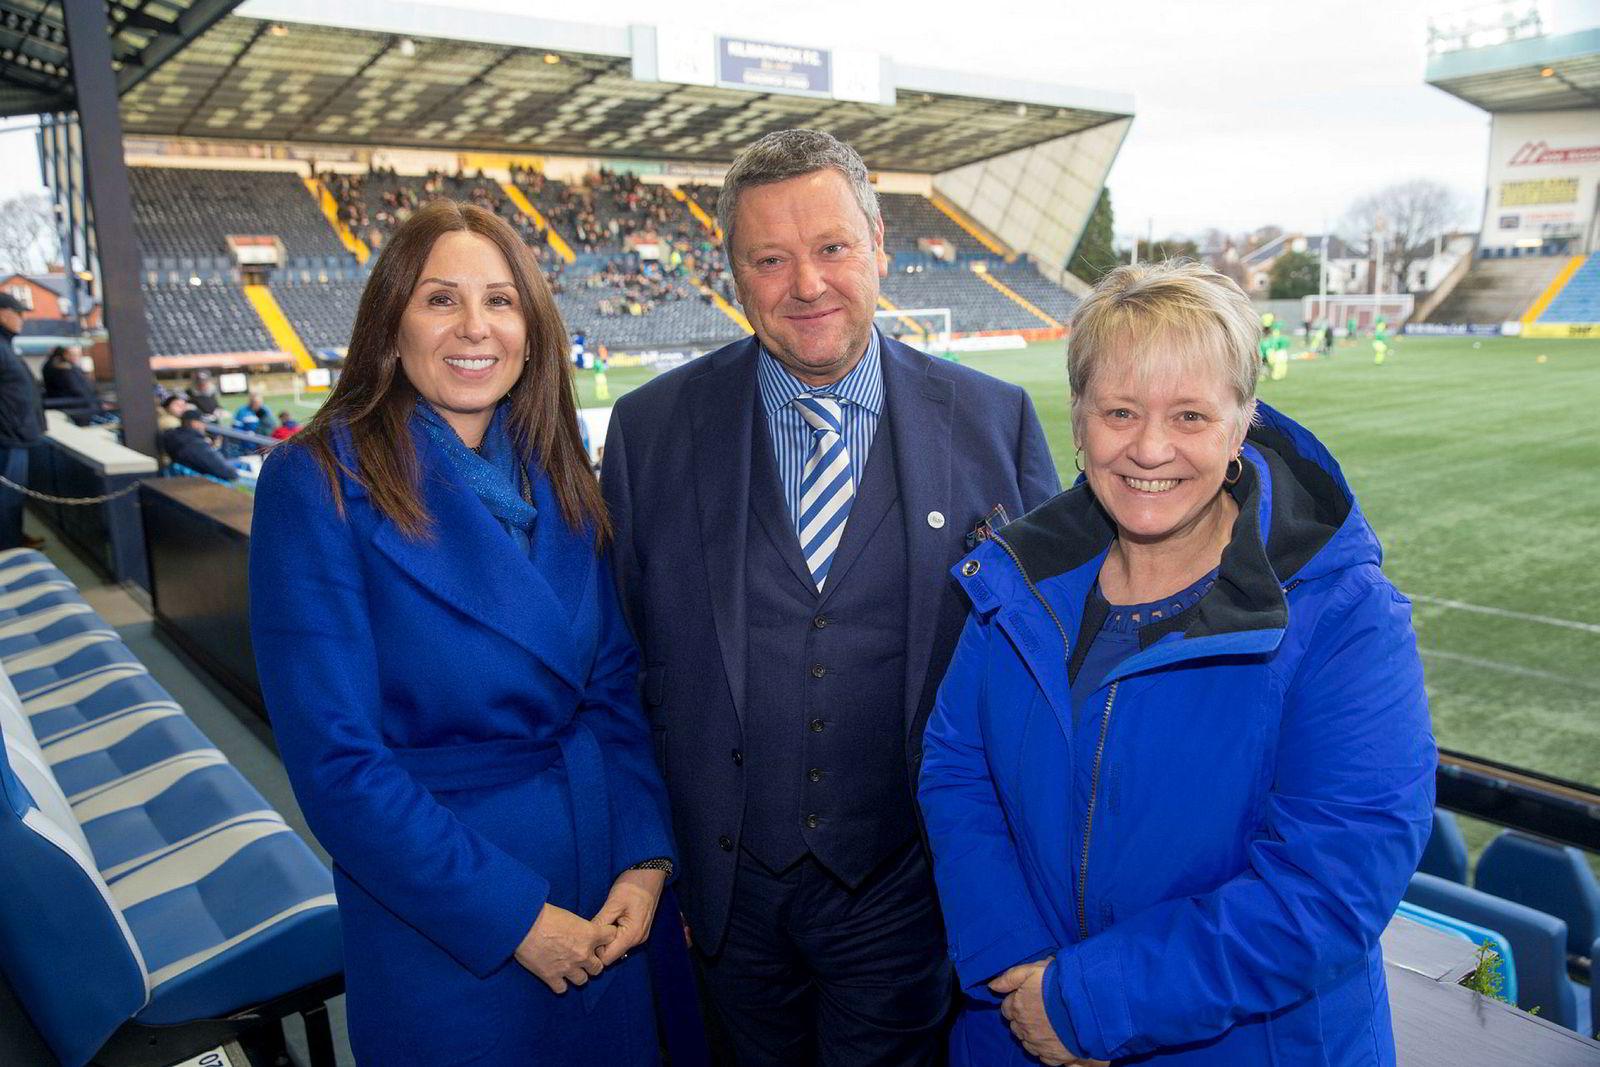 Phyllis McLeish (fra venstre), Billy Bowie og Cathy Jamieson utgjør styret i den skotske fotballklubben Kilmarnock, som har kjøpt billettsystemet til TicketCo.